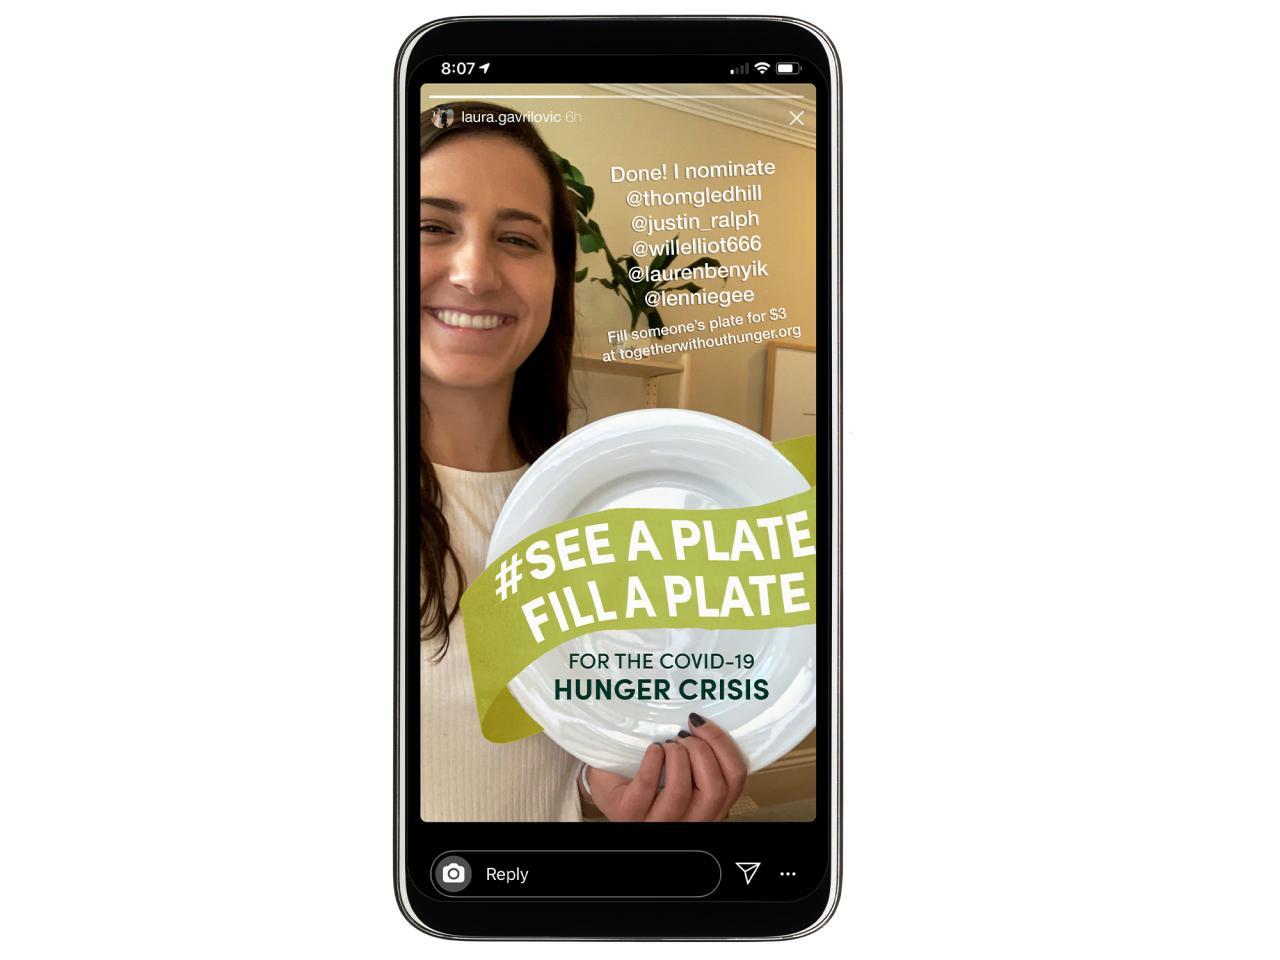 #SeeAPlateFillAPlate